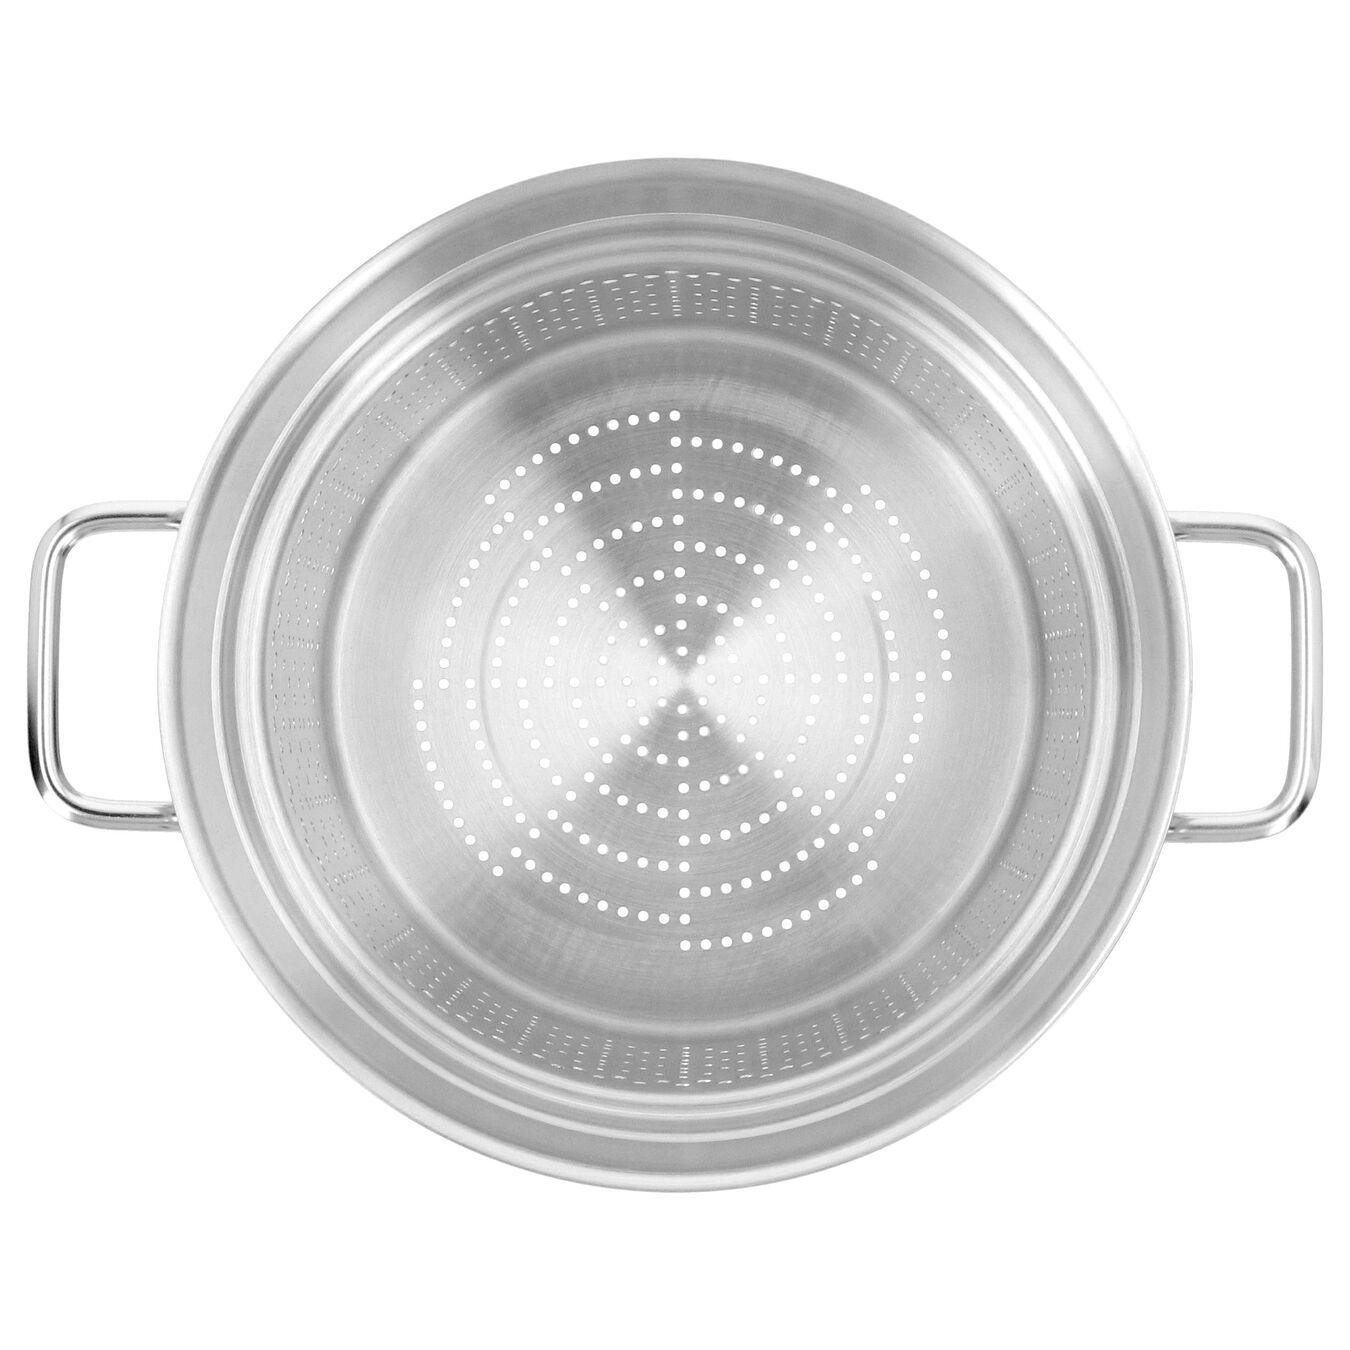 Nudeleinsatz, rund | 24 cm | Silber,,large 3